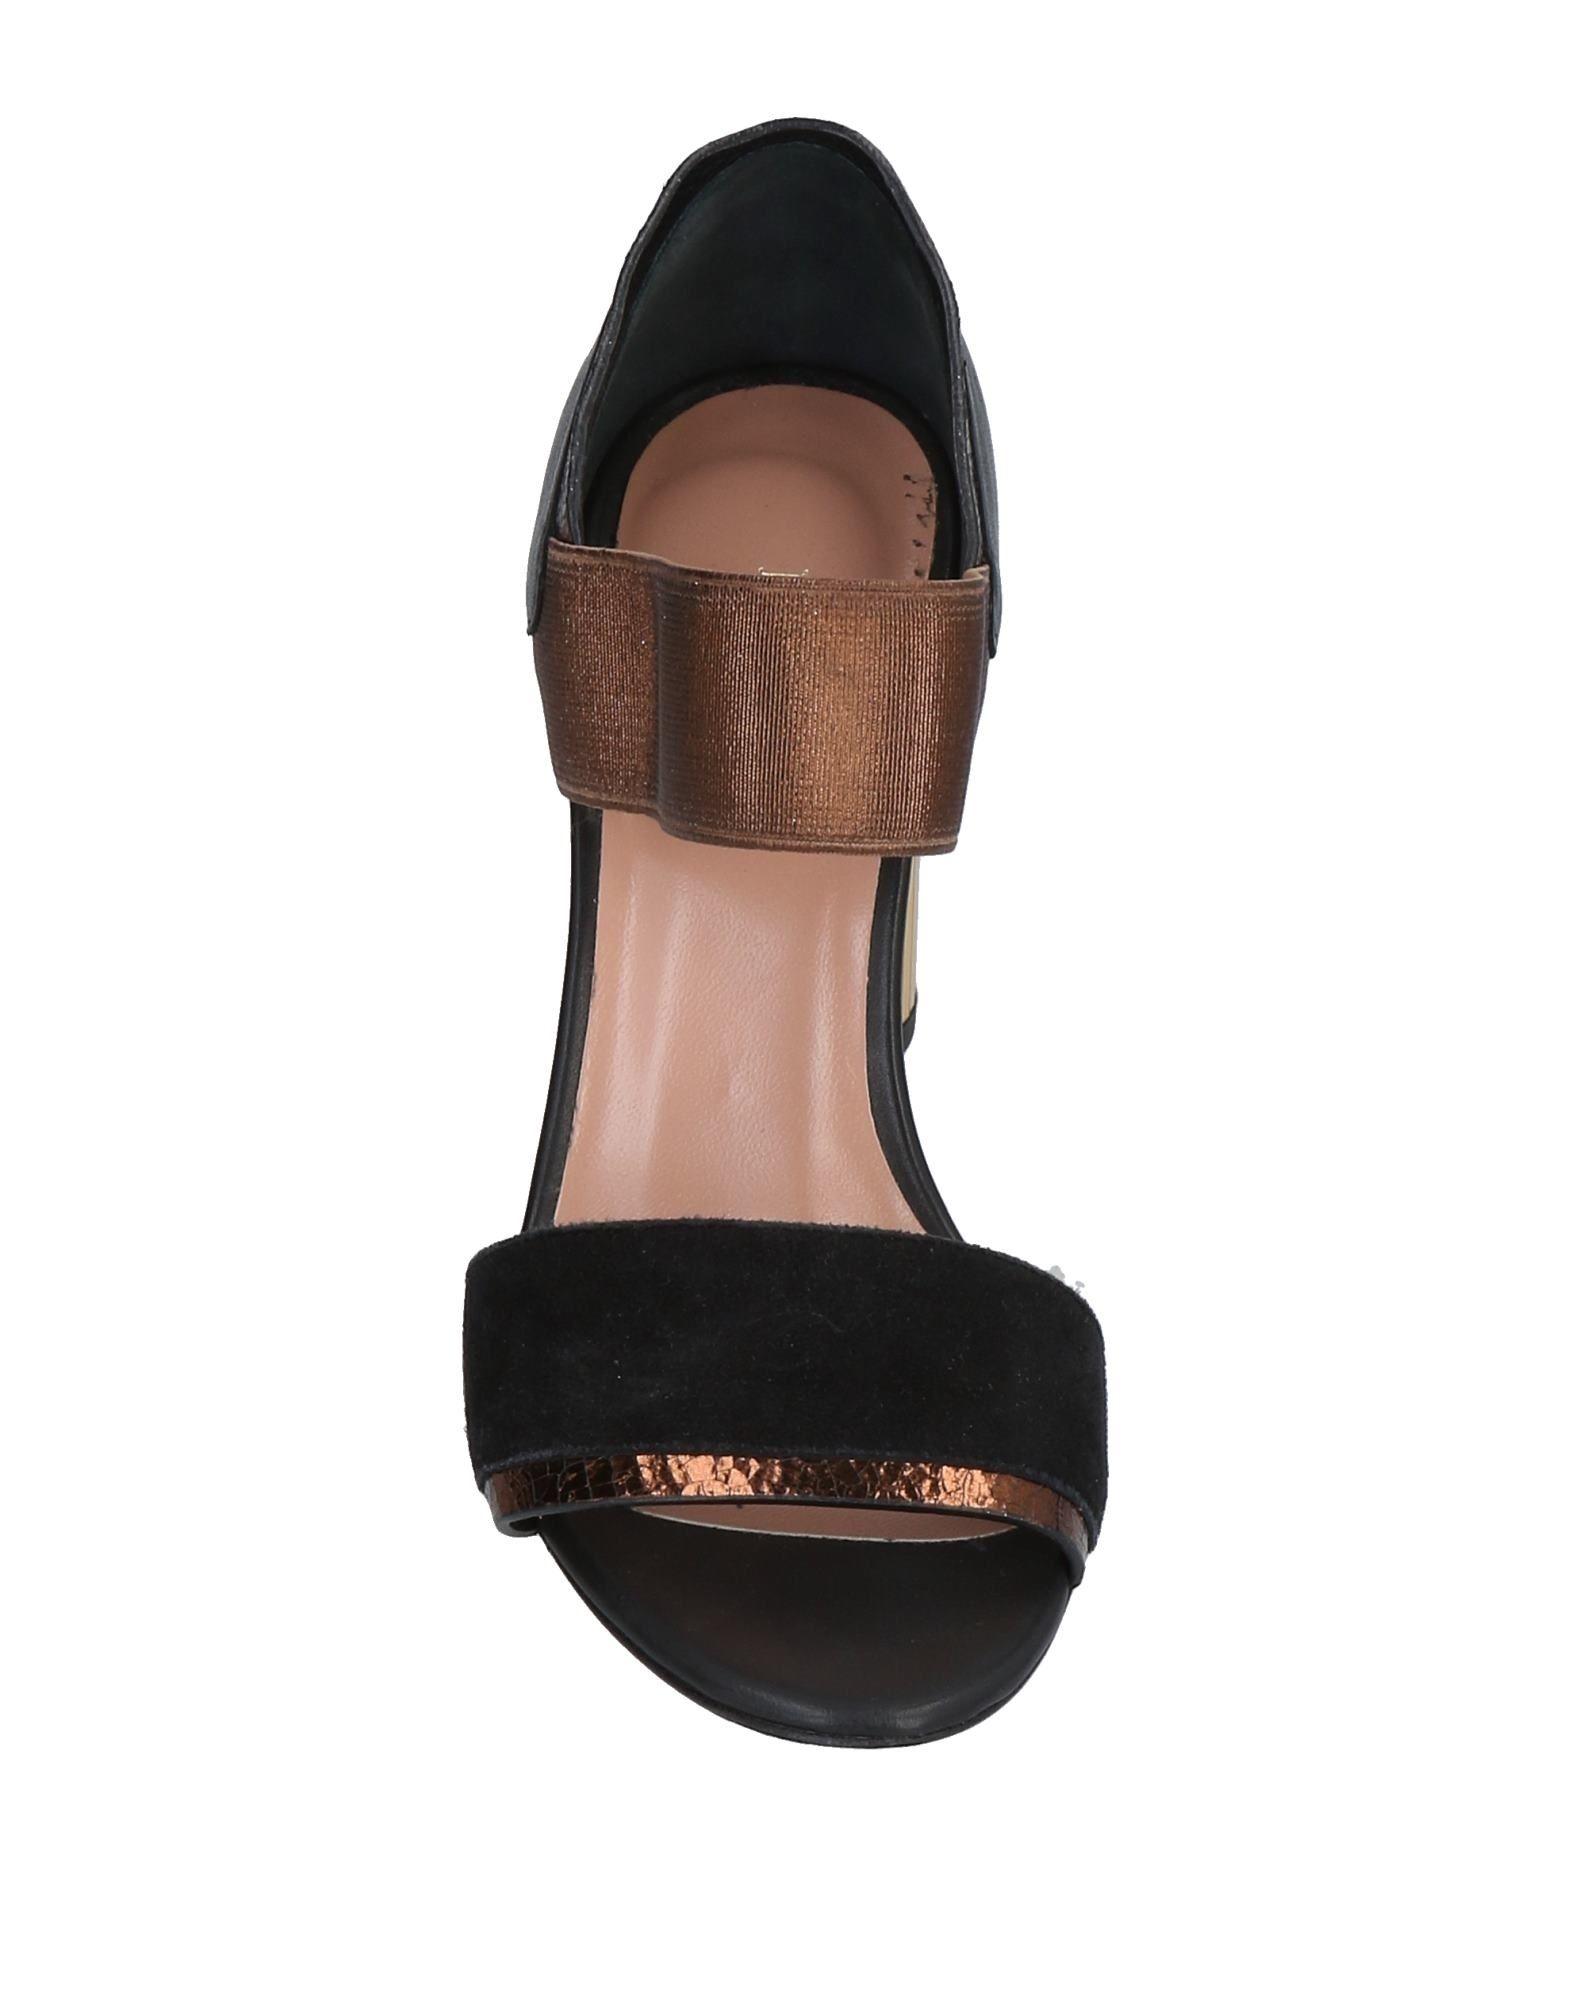 Max & Co. Neue Sandalen Damen  11489552WO Neue Co. Schuhe 681709